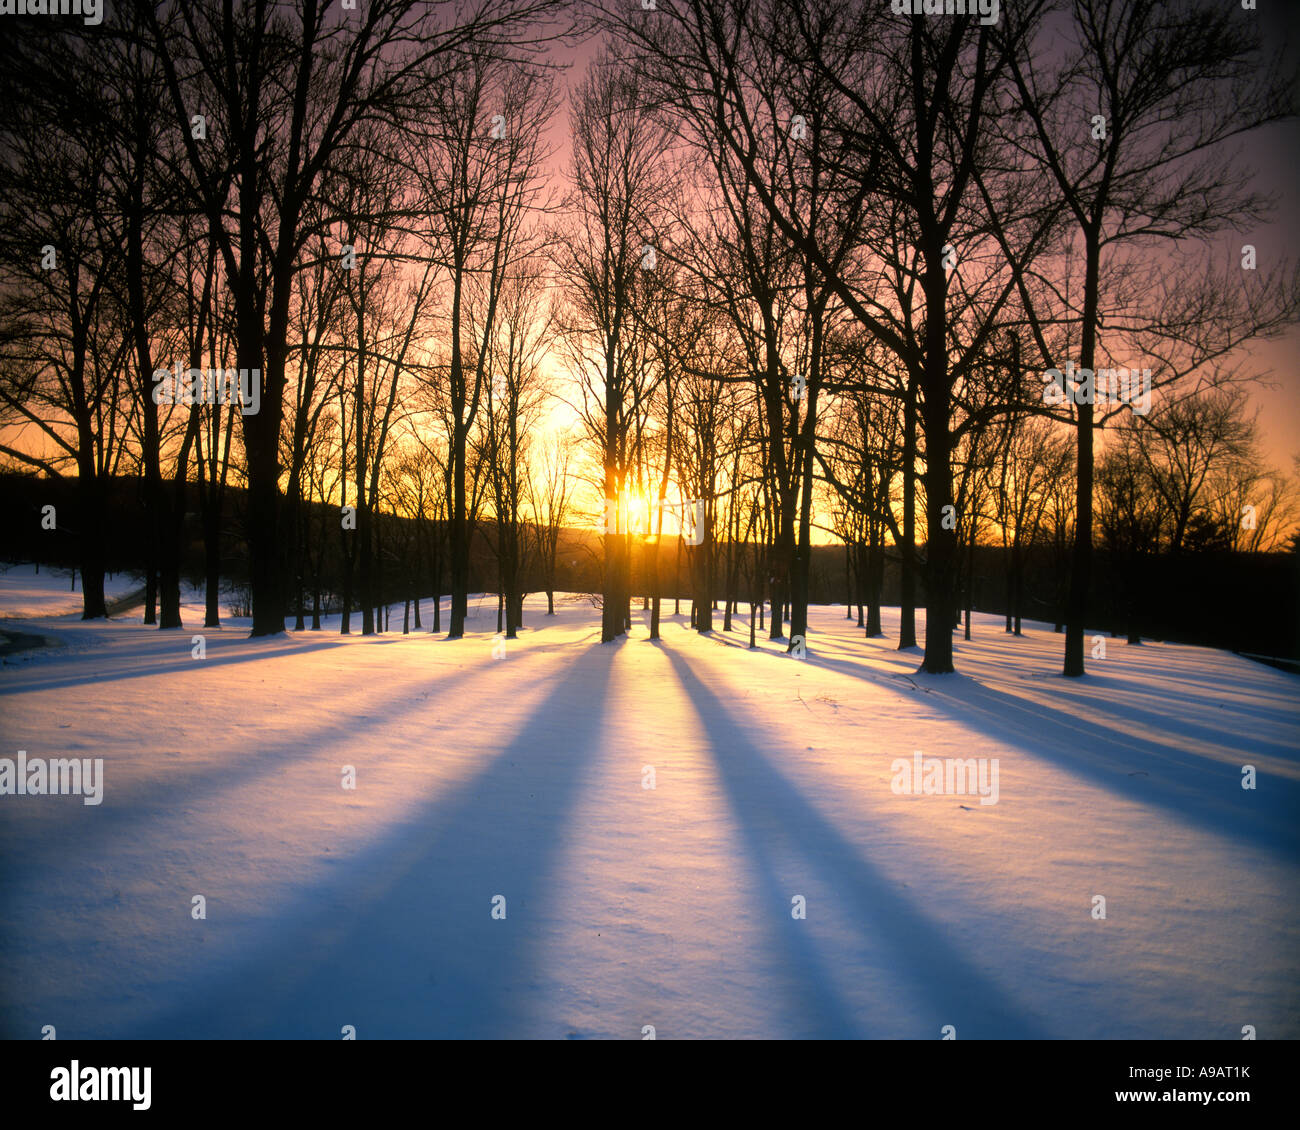 Puesta de sol a través de los árboles desnudo paisaje cubierto de nieve en invierno, Pennsylvania, EE.UU. Imagen De Stock